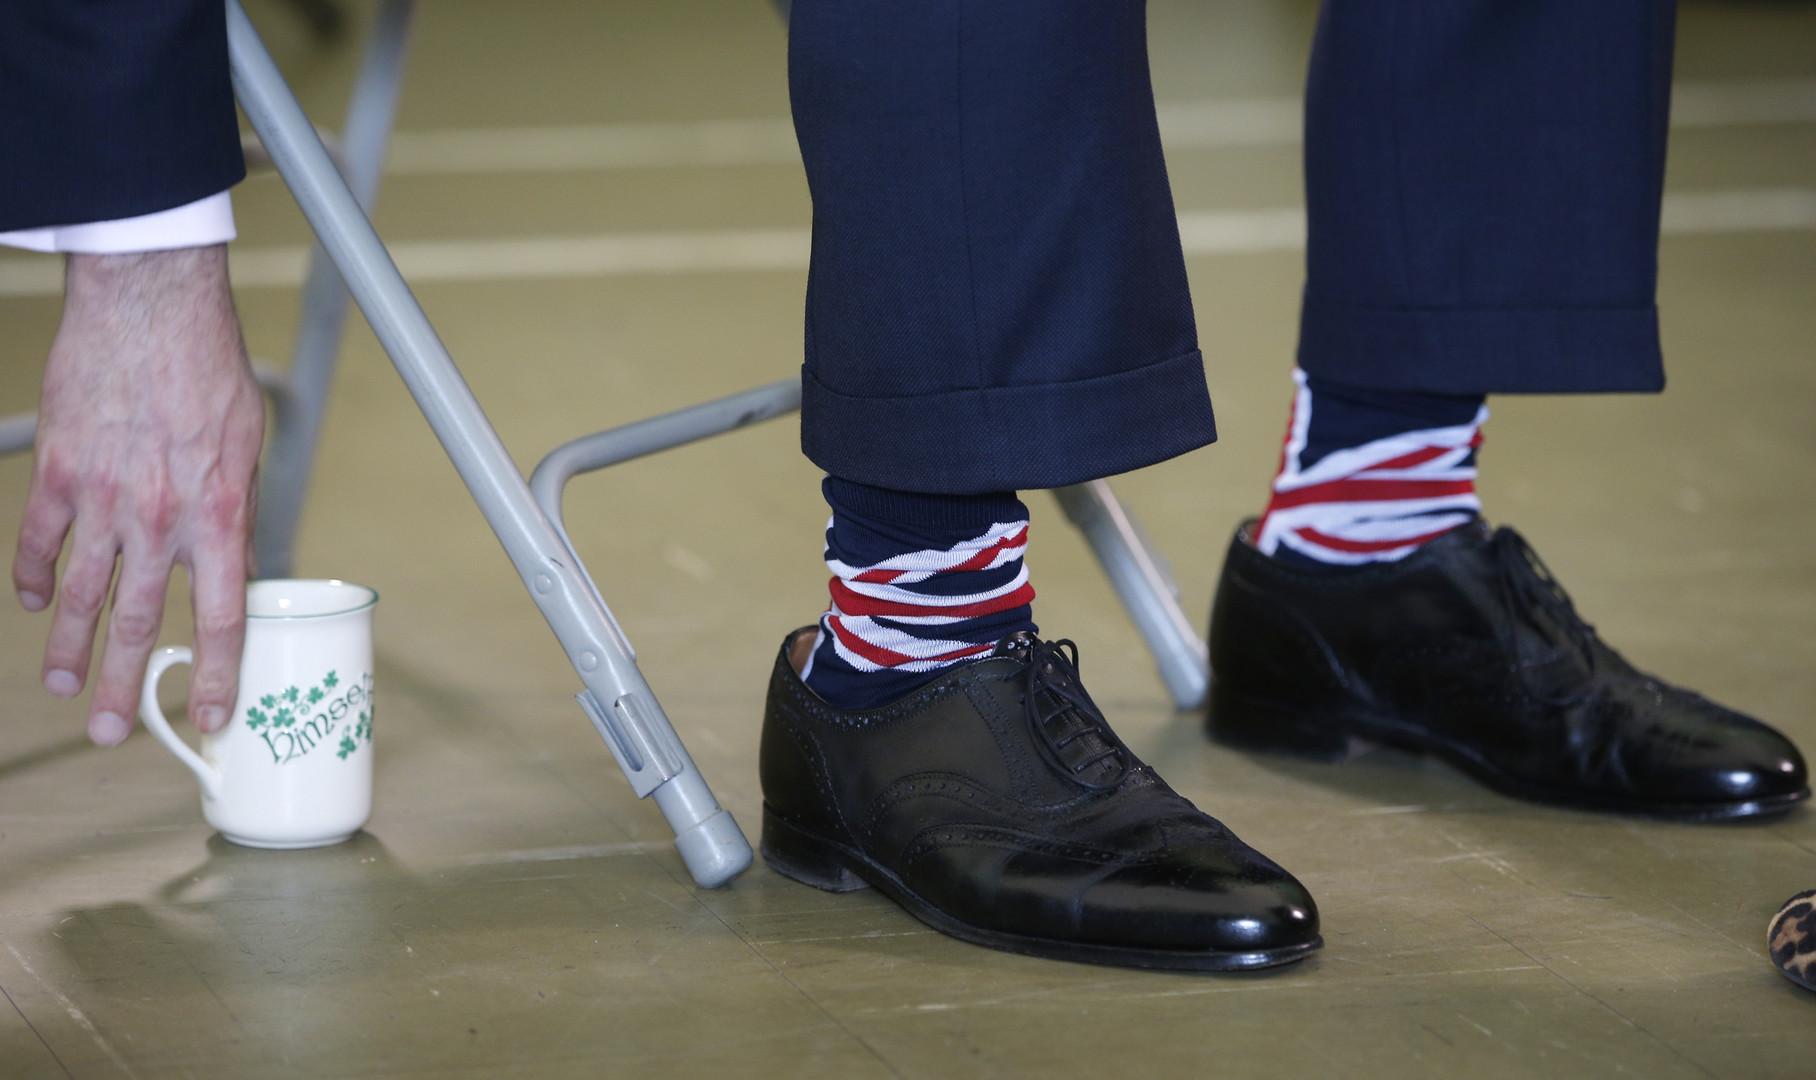 Найджел Фарадж на встрече с избирателями в графстве Эссекс.